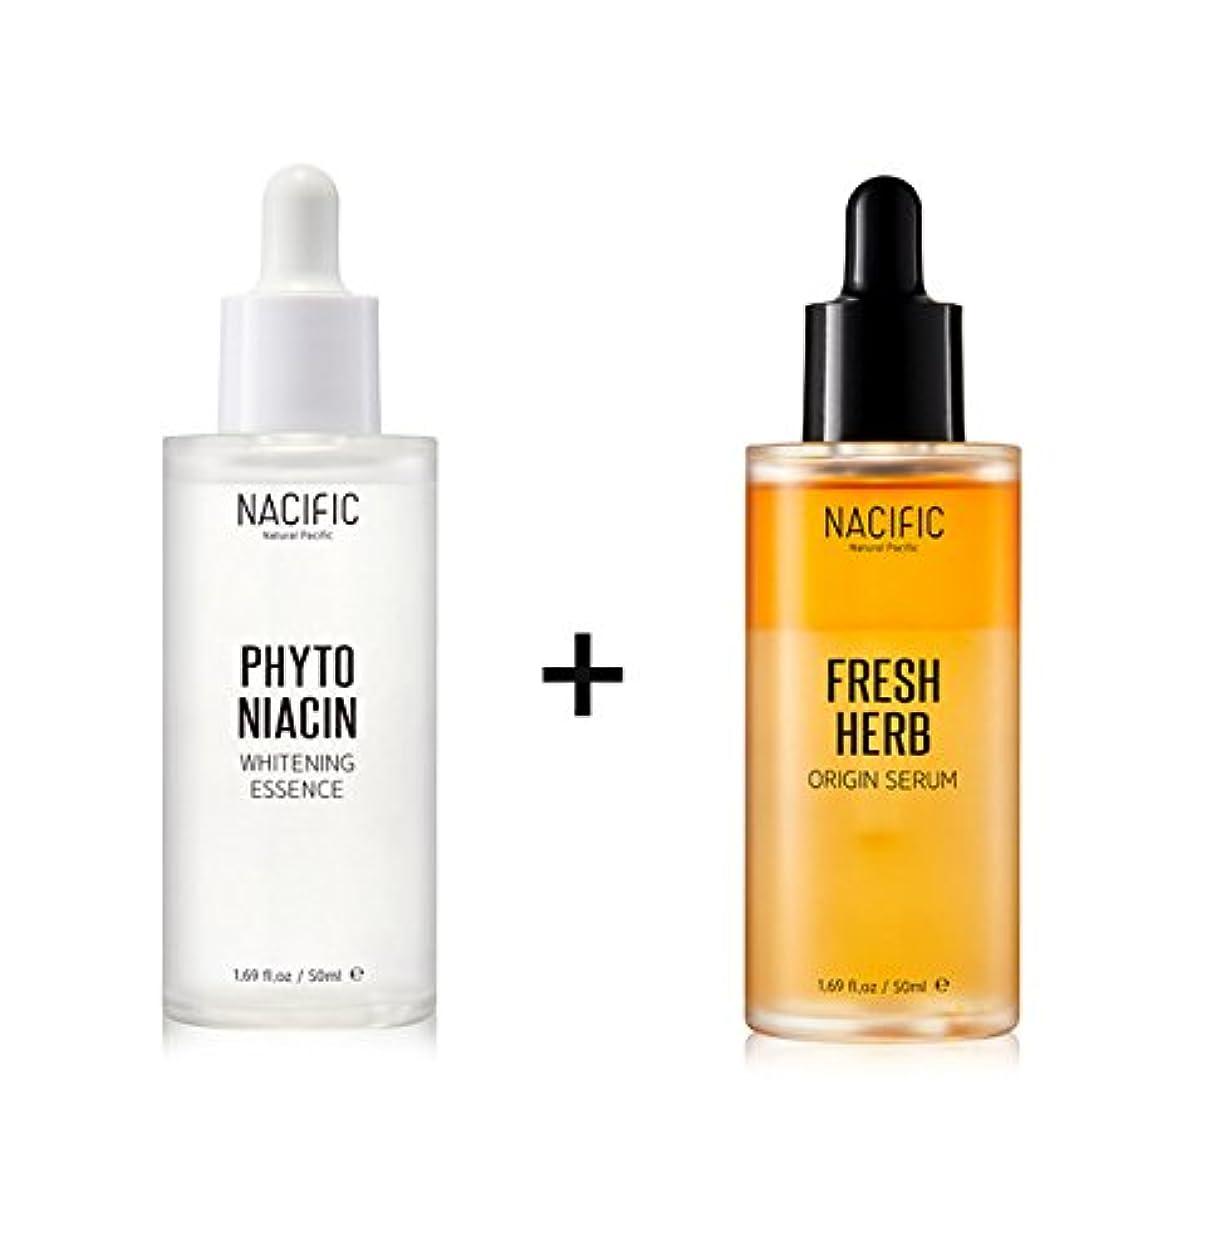 イチゴ仕事に行くスタンド[Renewal] NACIFIC Fresh Herb Origin Serum 50ml + Phyto Niacin Whitening Essence 50ml/ナシフィック フレッシュ ハーブ オリジン セラム...